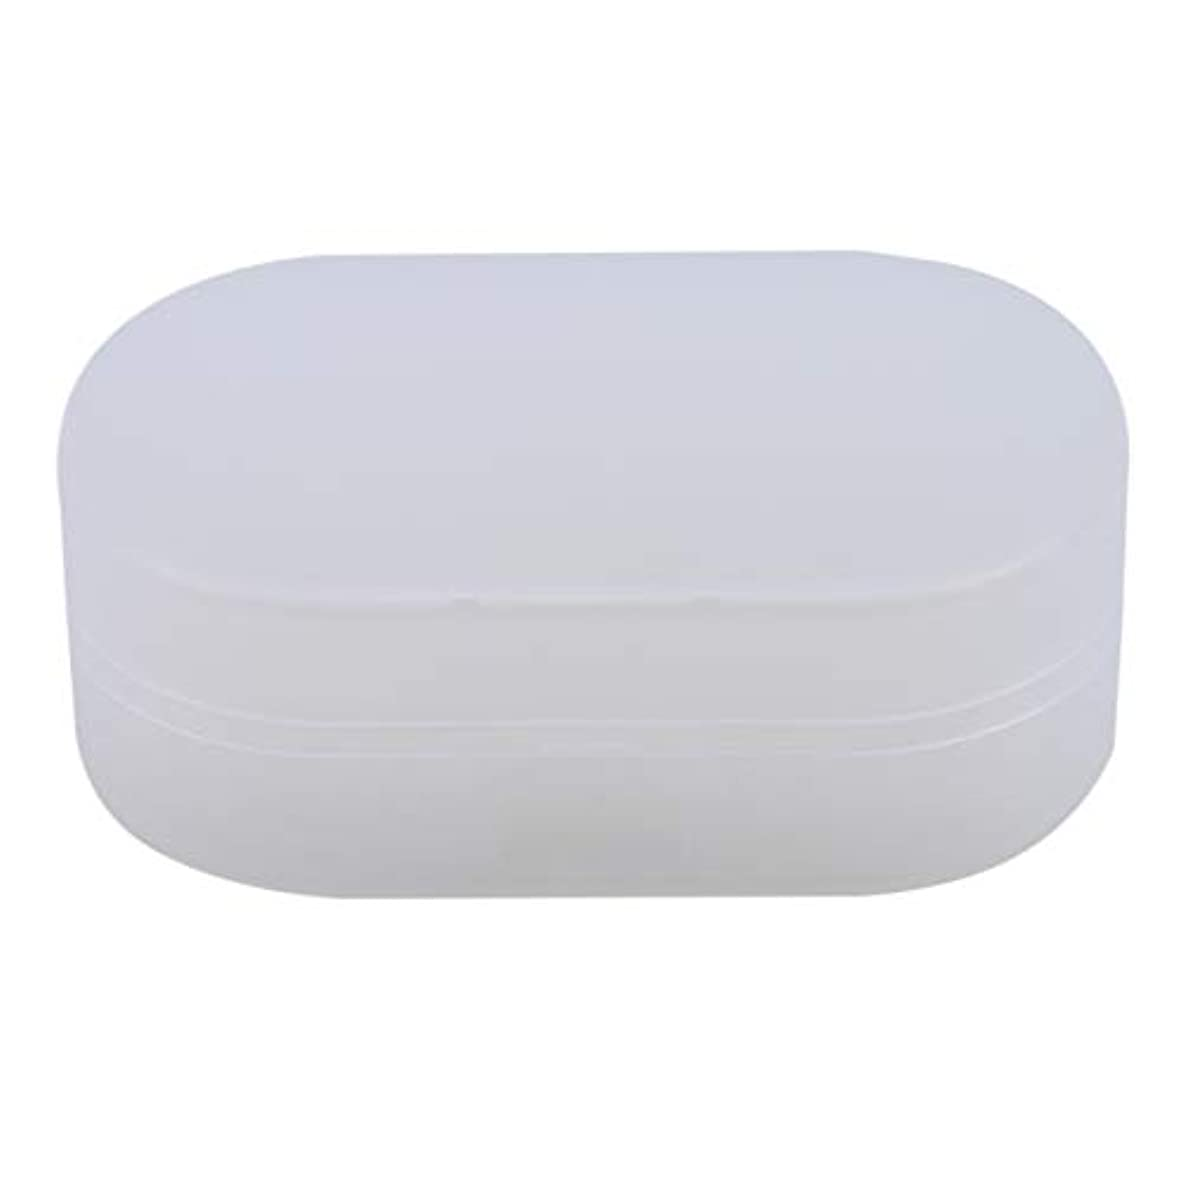 に頼るあるハンドブックZALINGソープボックスホルダーソープディッシュソープセーバーケースコンテナ用バスルームキャンプホワイト